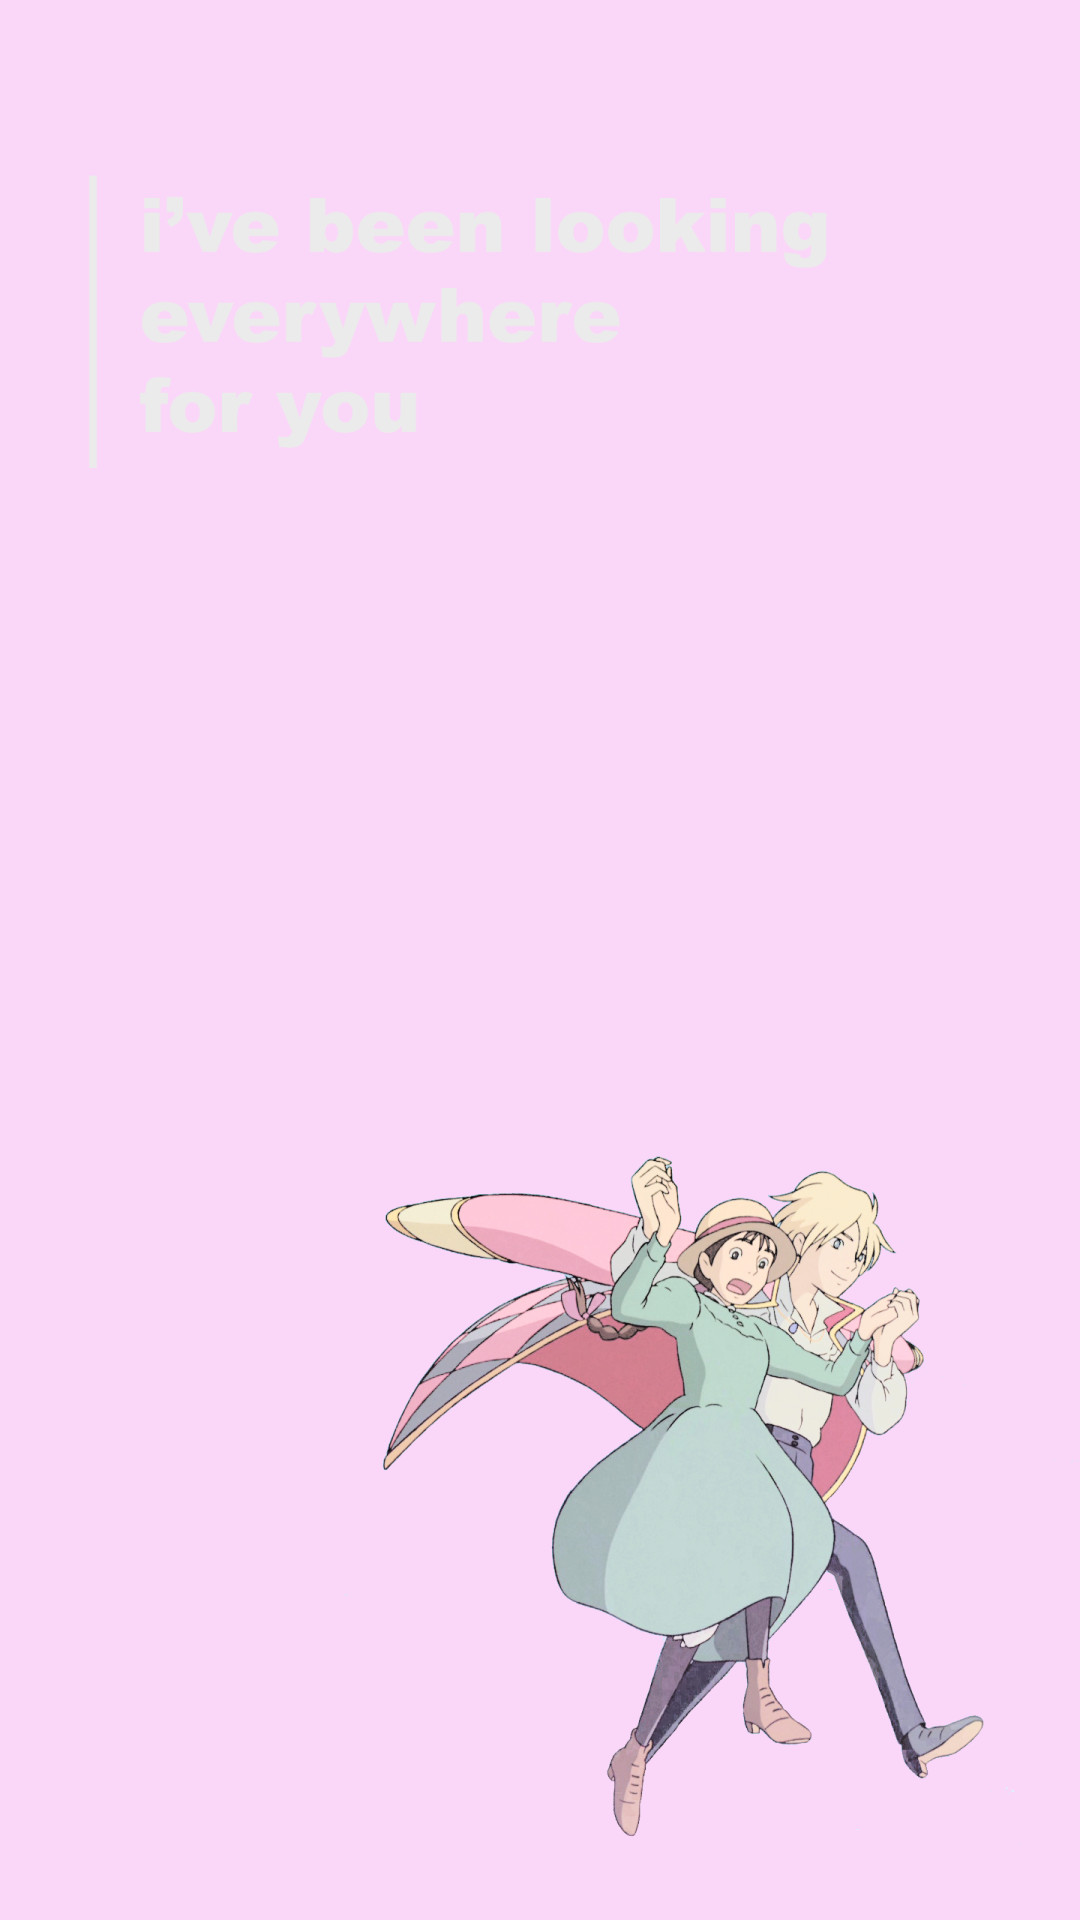 Studio Ghibli Phone Wallpaper 68 Images